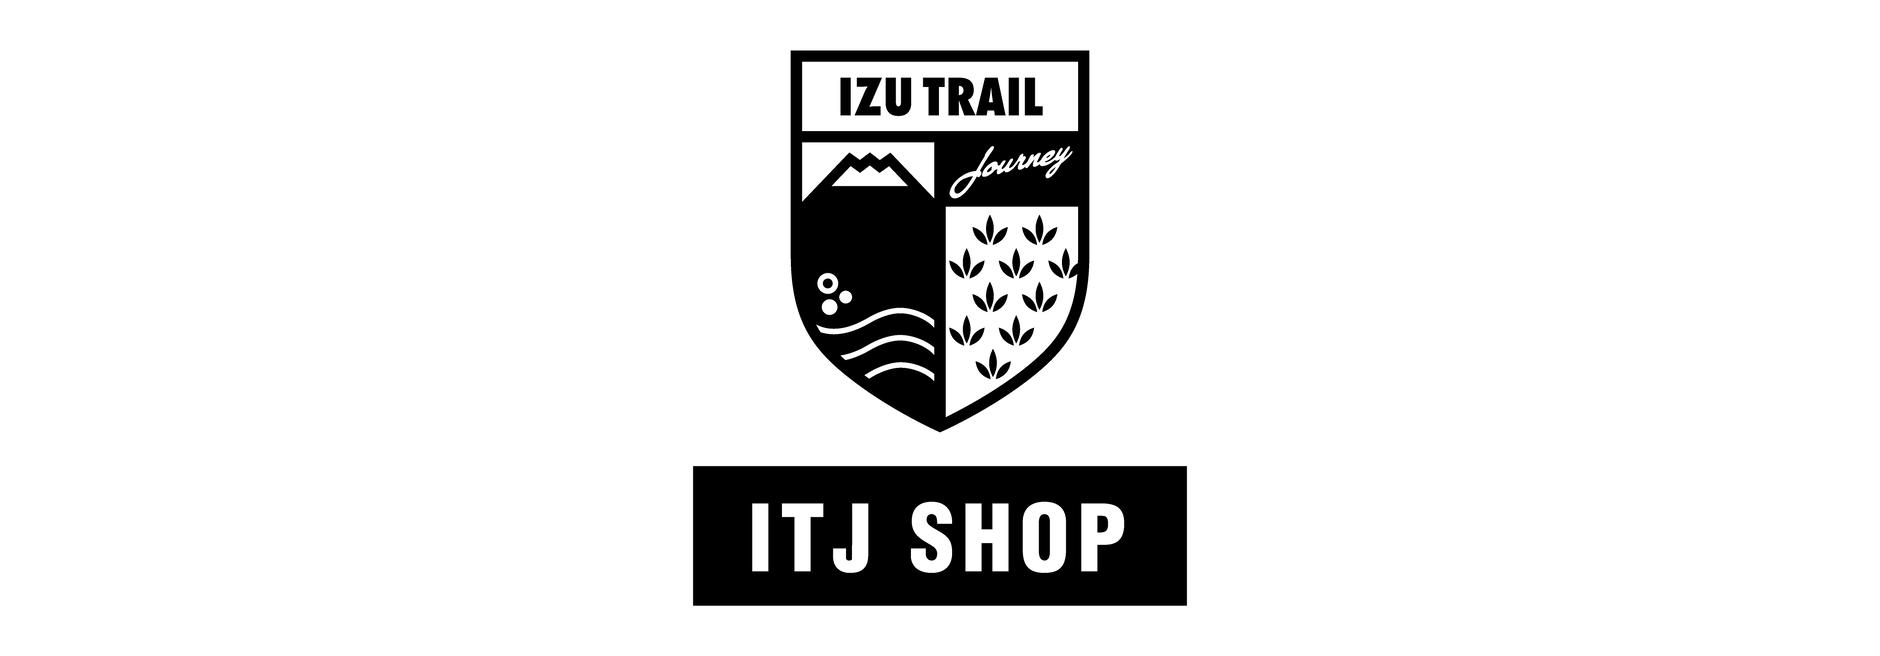 ITJ SHOP